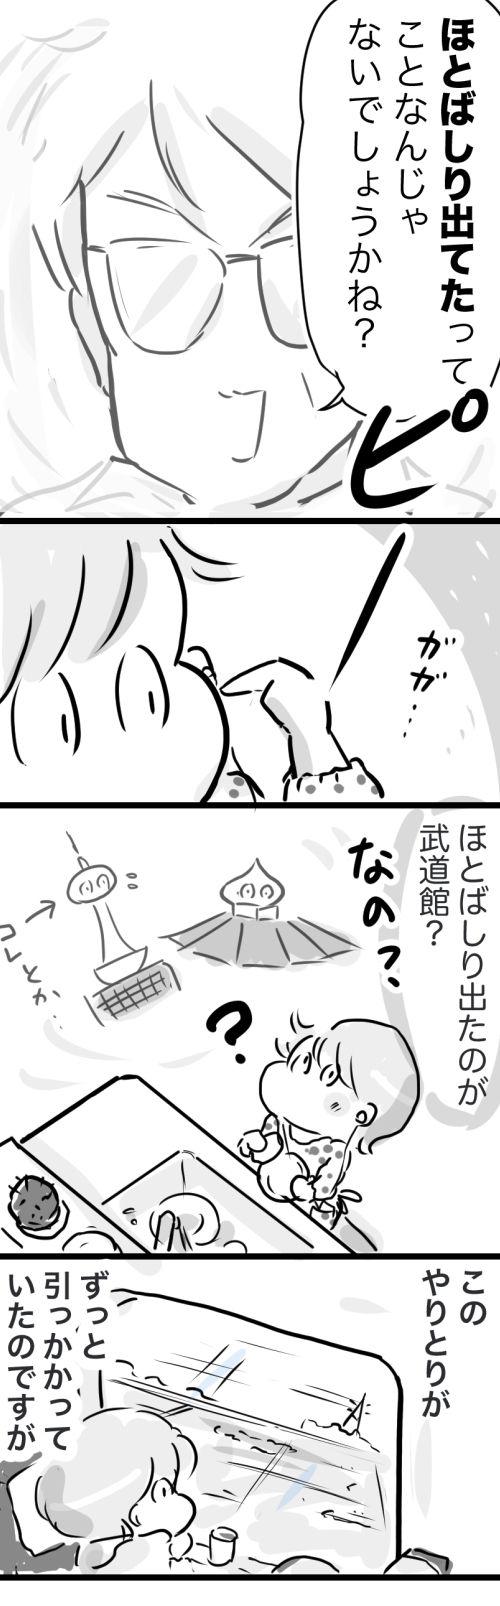 大垣3−1